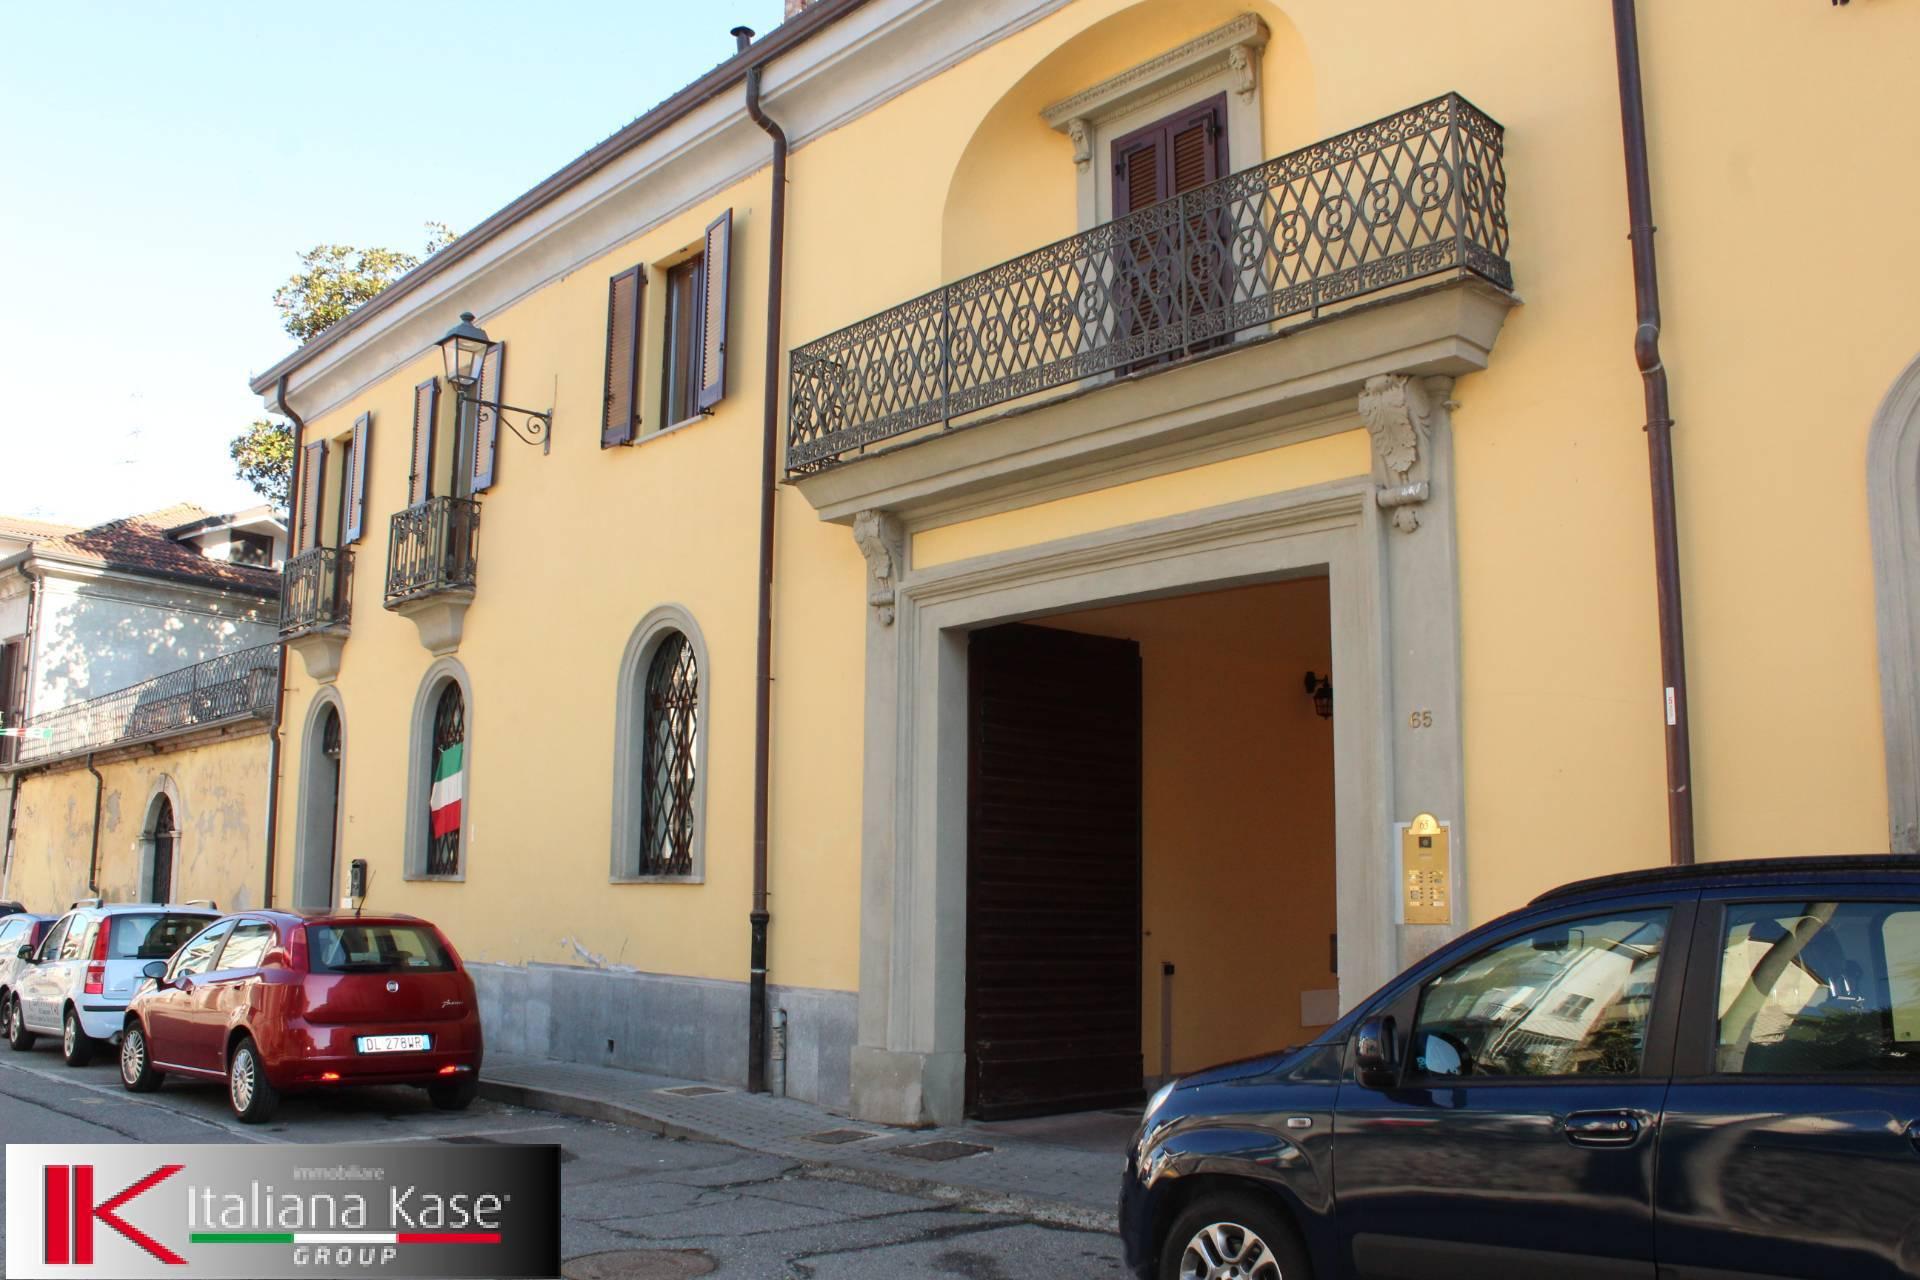 Appartamento in affitto a Gassino Torinese, 2 locali, zona Località: GassinoTorinese, prezzo € 135.000   PortaleAgenzieImmobiliari.it